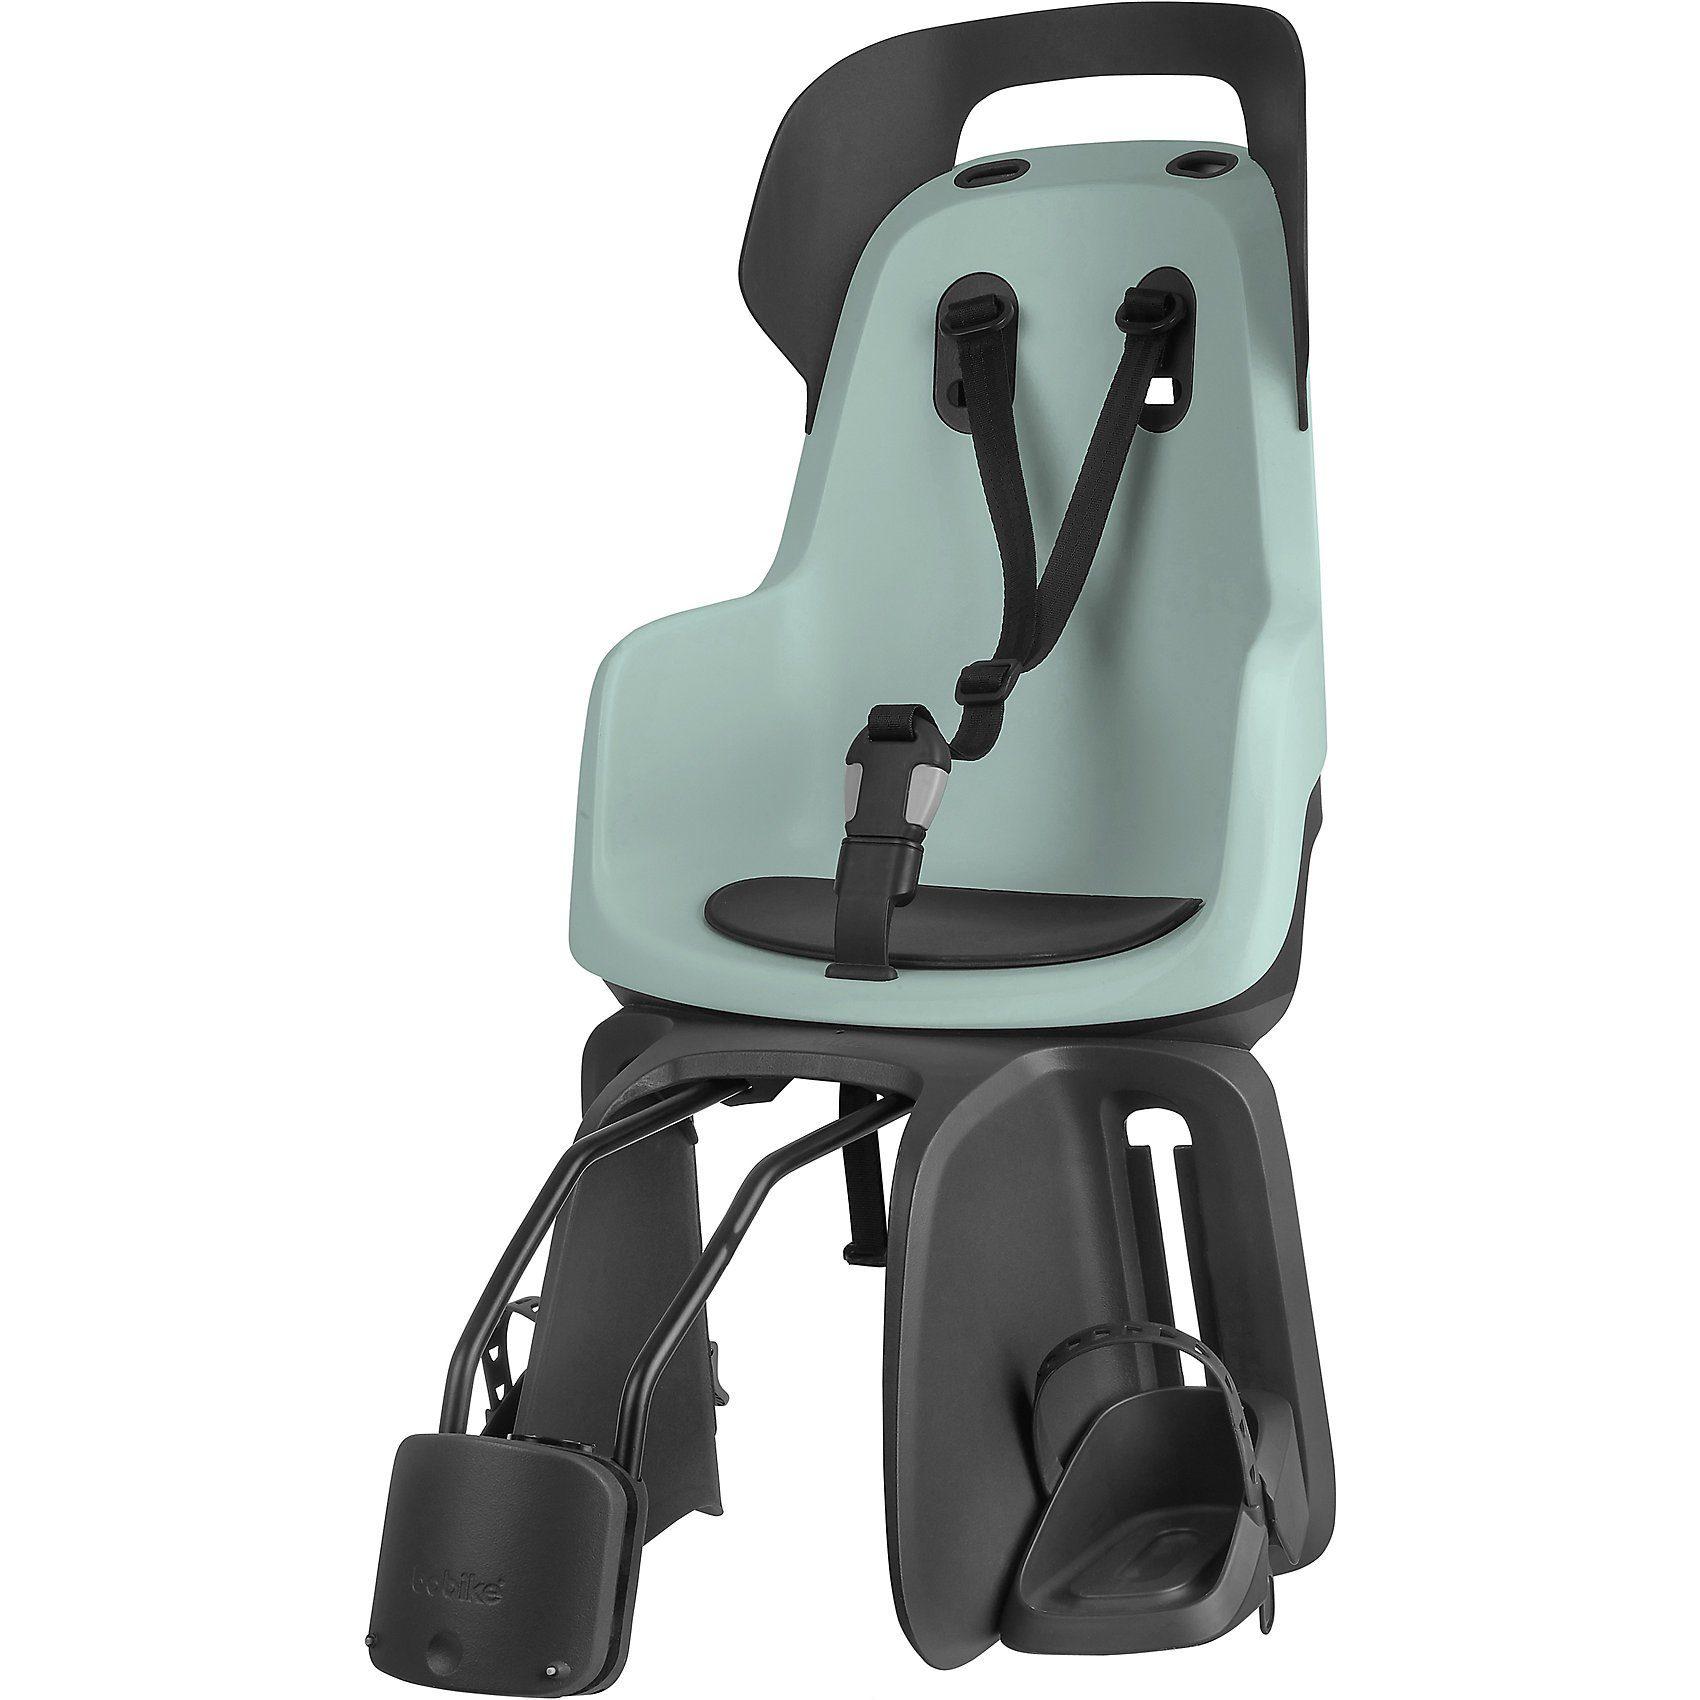 Bobike Fahrrad-Sicherheitssitz GO® EXCLUSIVE inkl. 1P-Bügel für gep